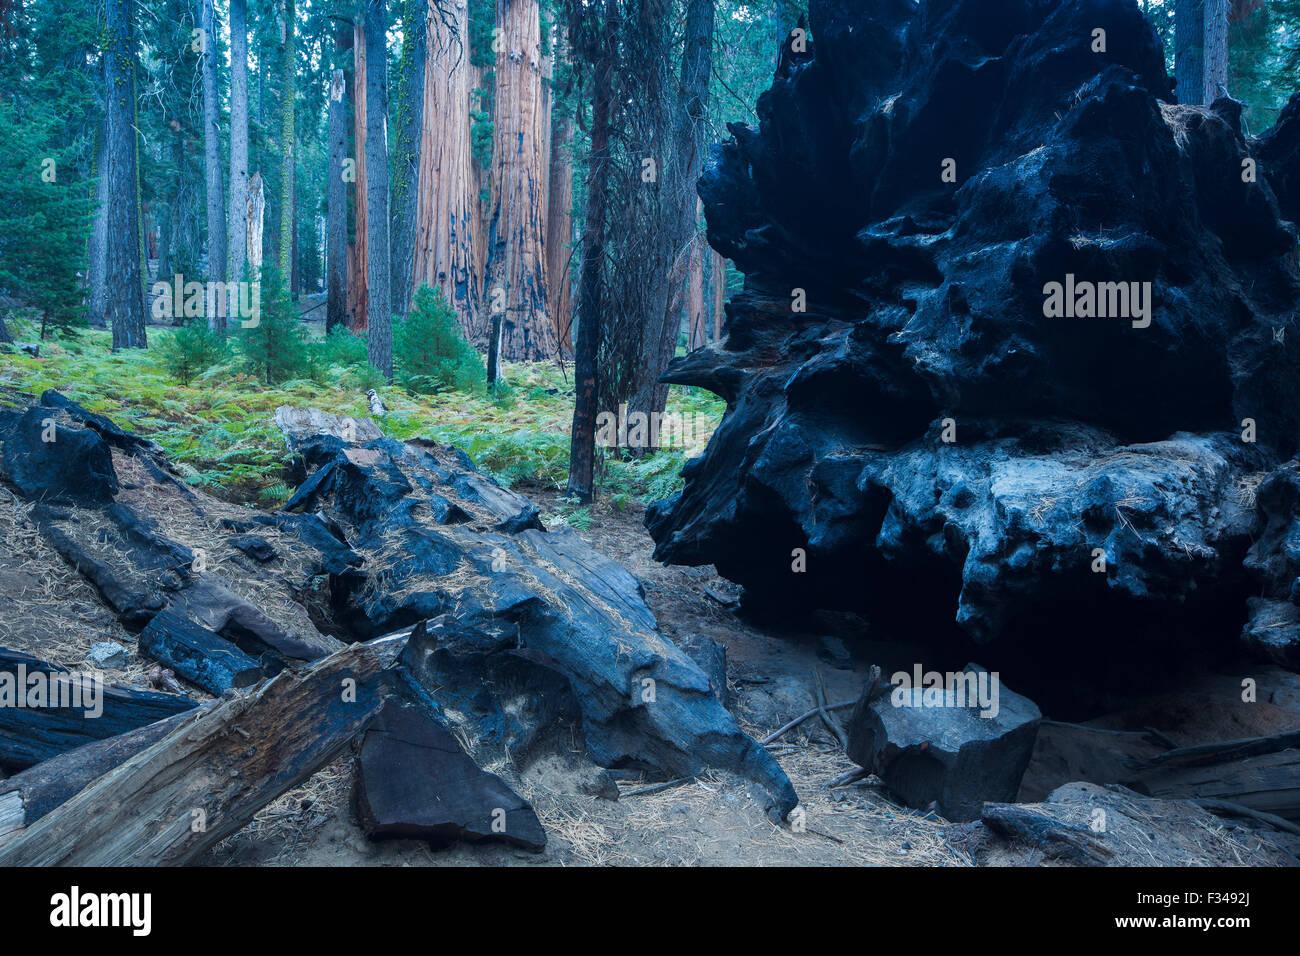 Un caído árboles Sequoia, Sequoia National Park, California, EE.UU. Imagen De Stock